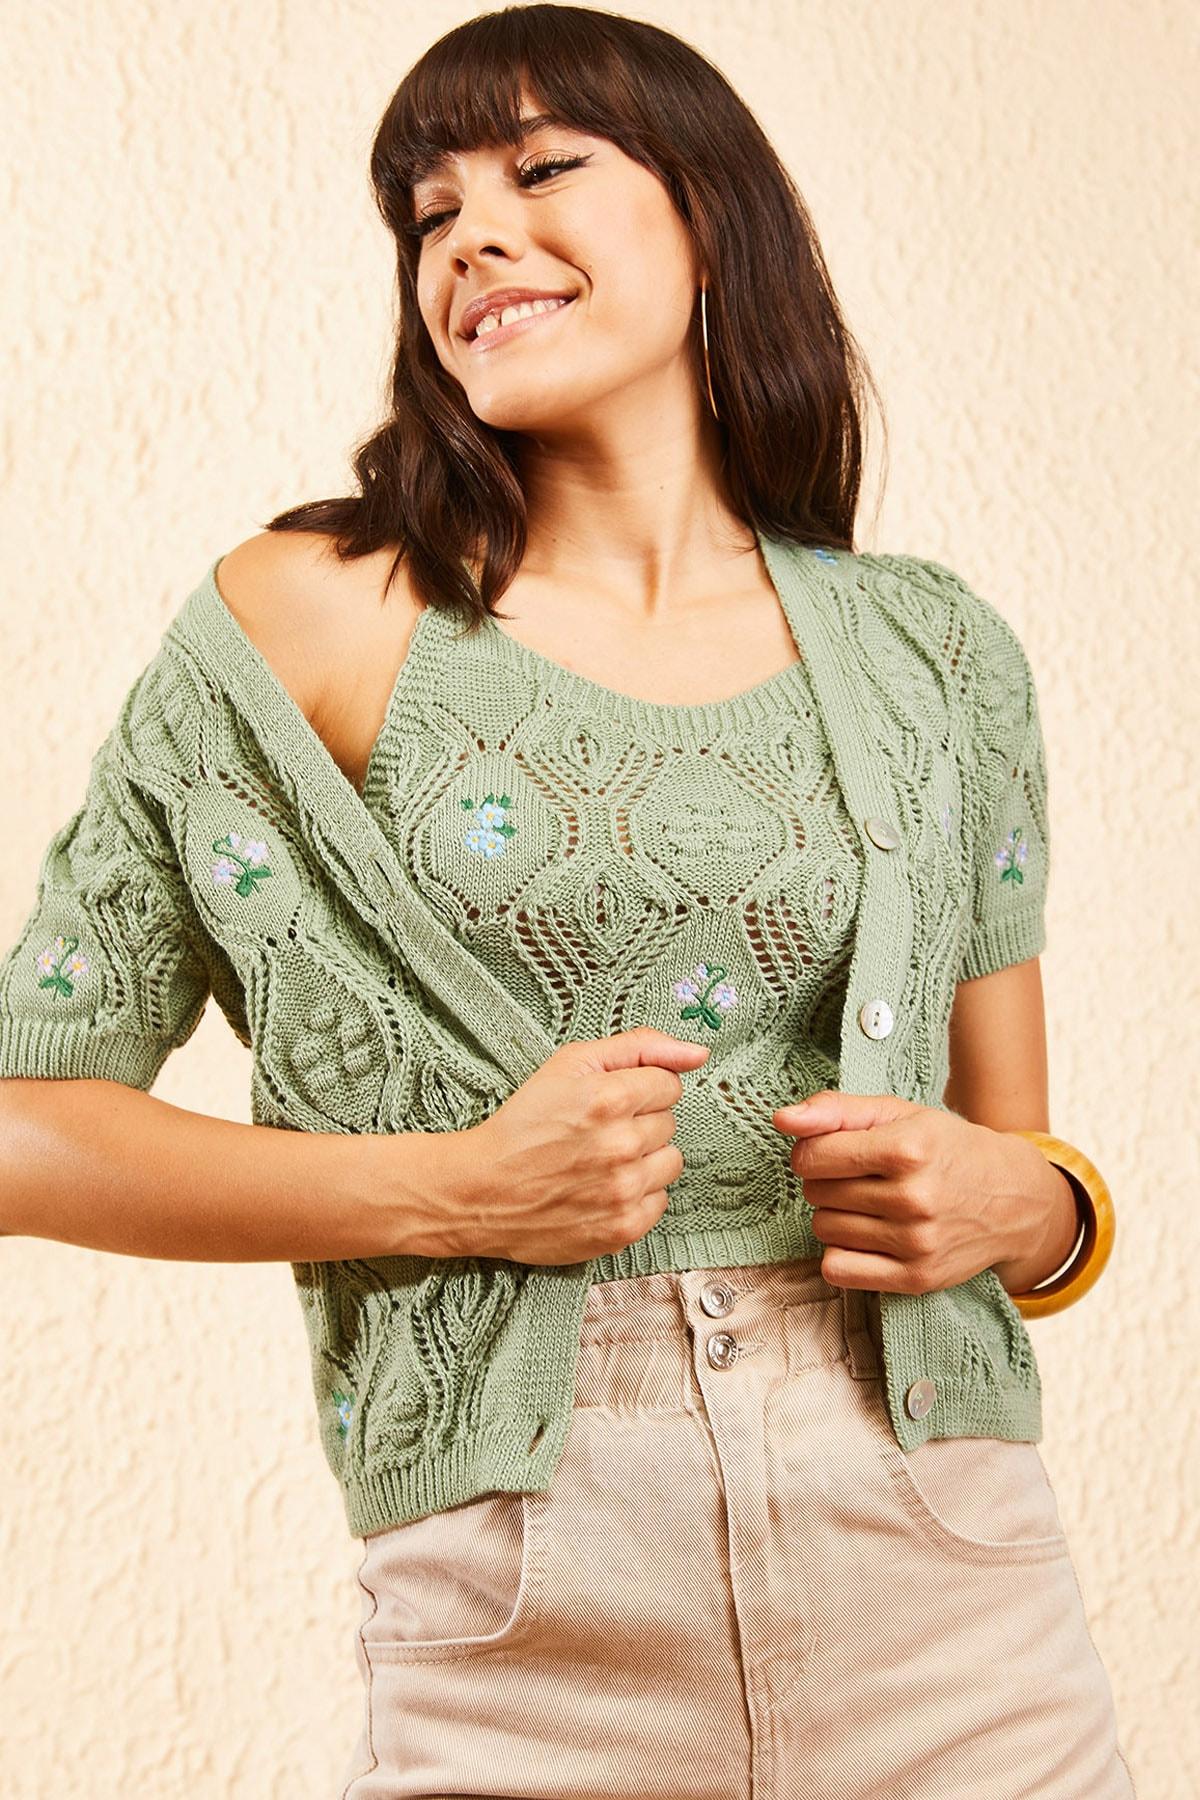 Bianco Lucci Kadın Çağla Yeşili Kadın Nakış İşlemeli Hırka ve Crop Top Bluz Triko Takım 10101032 4